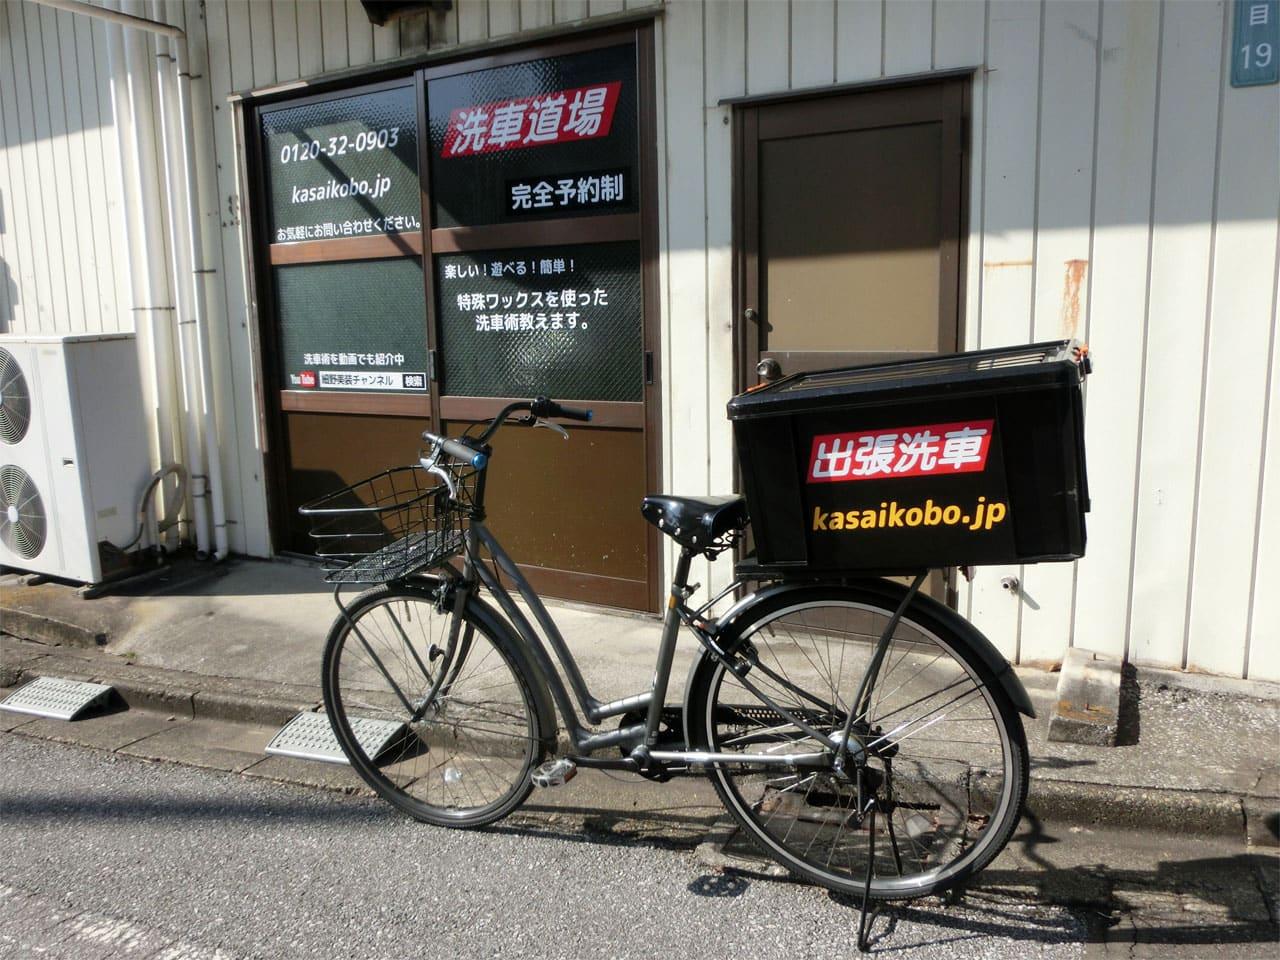 江戸川道場・実践講習